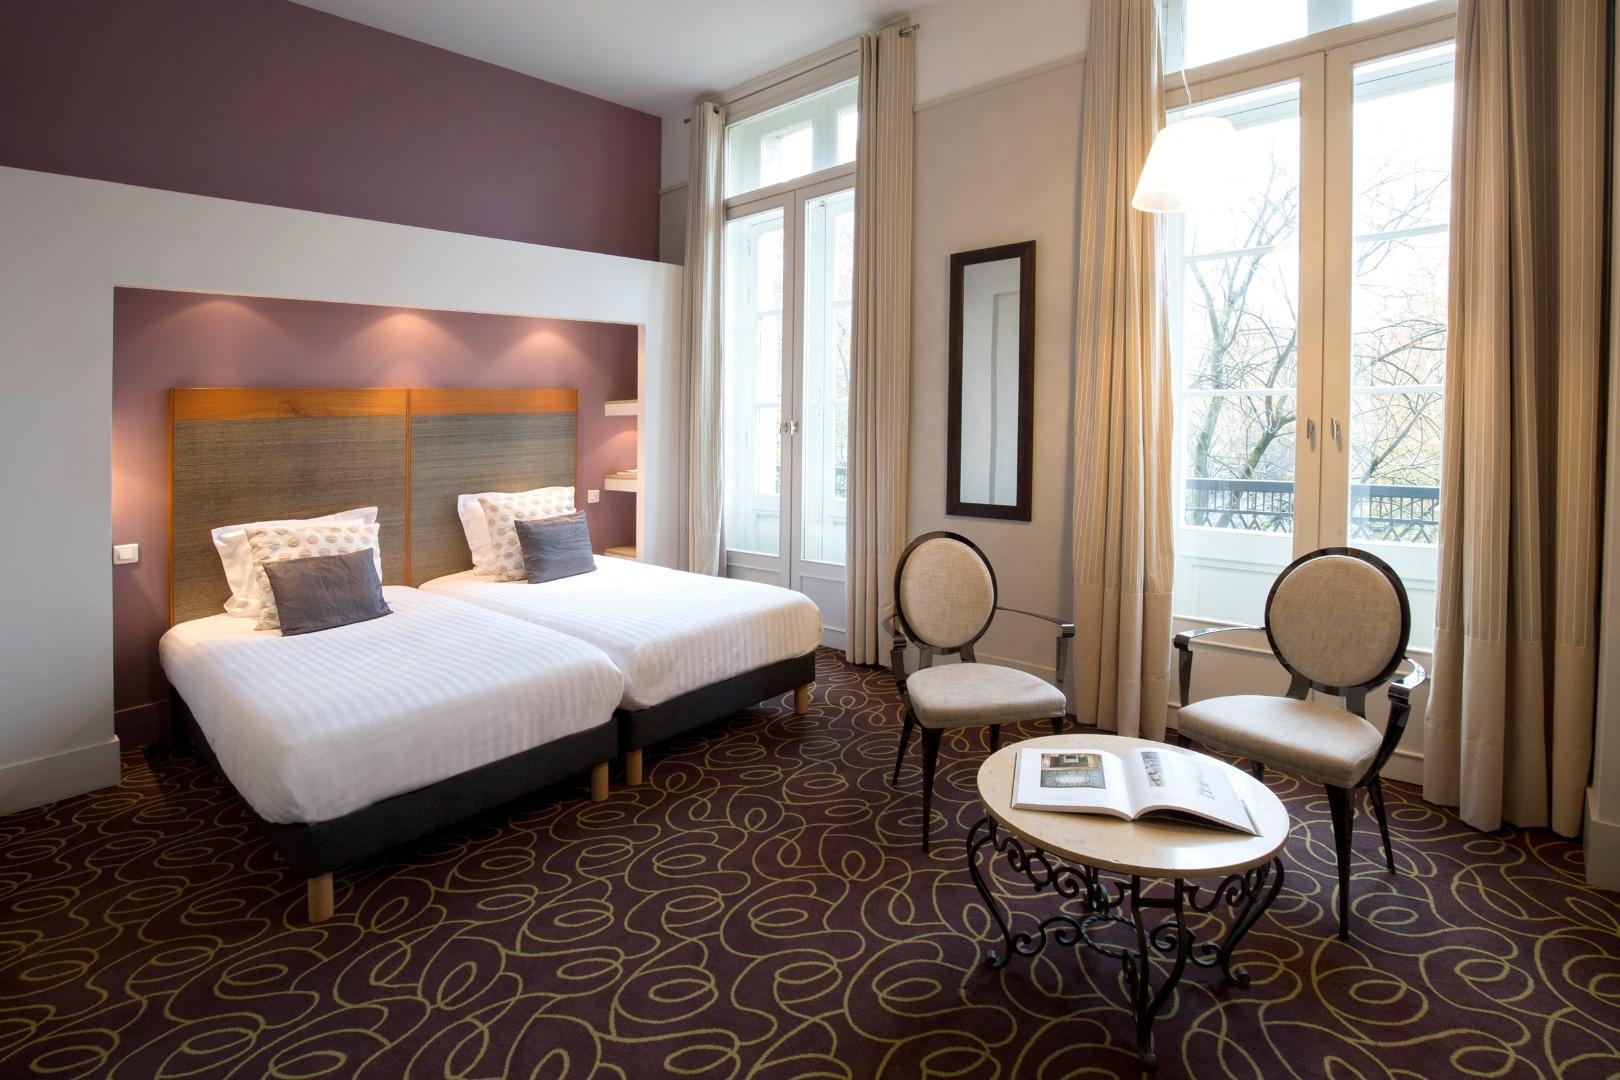 H tel de normandie h tel 4 toiles bordeaux centre for Chambre hotel normandie